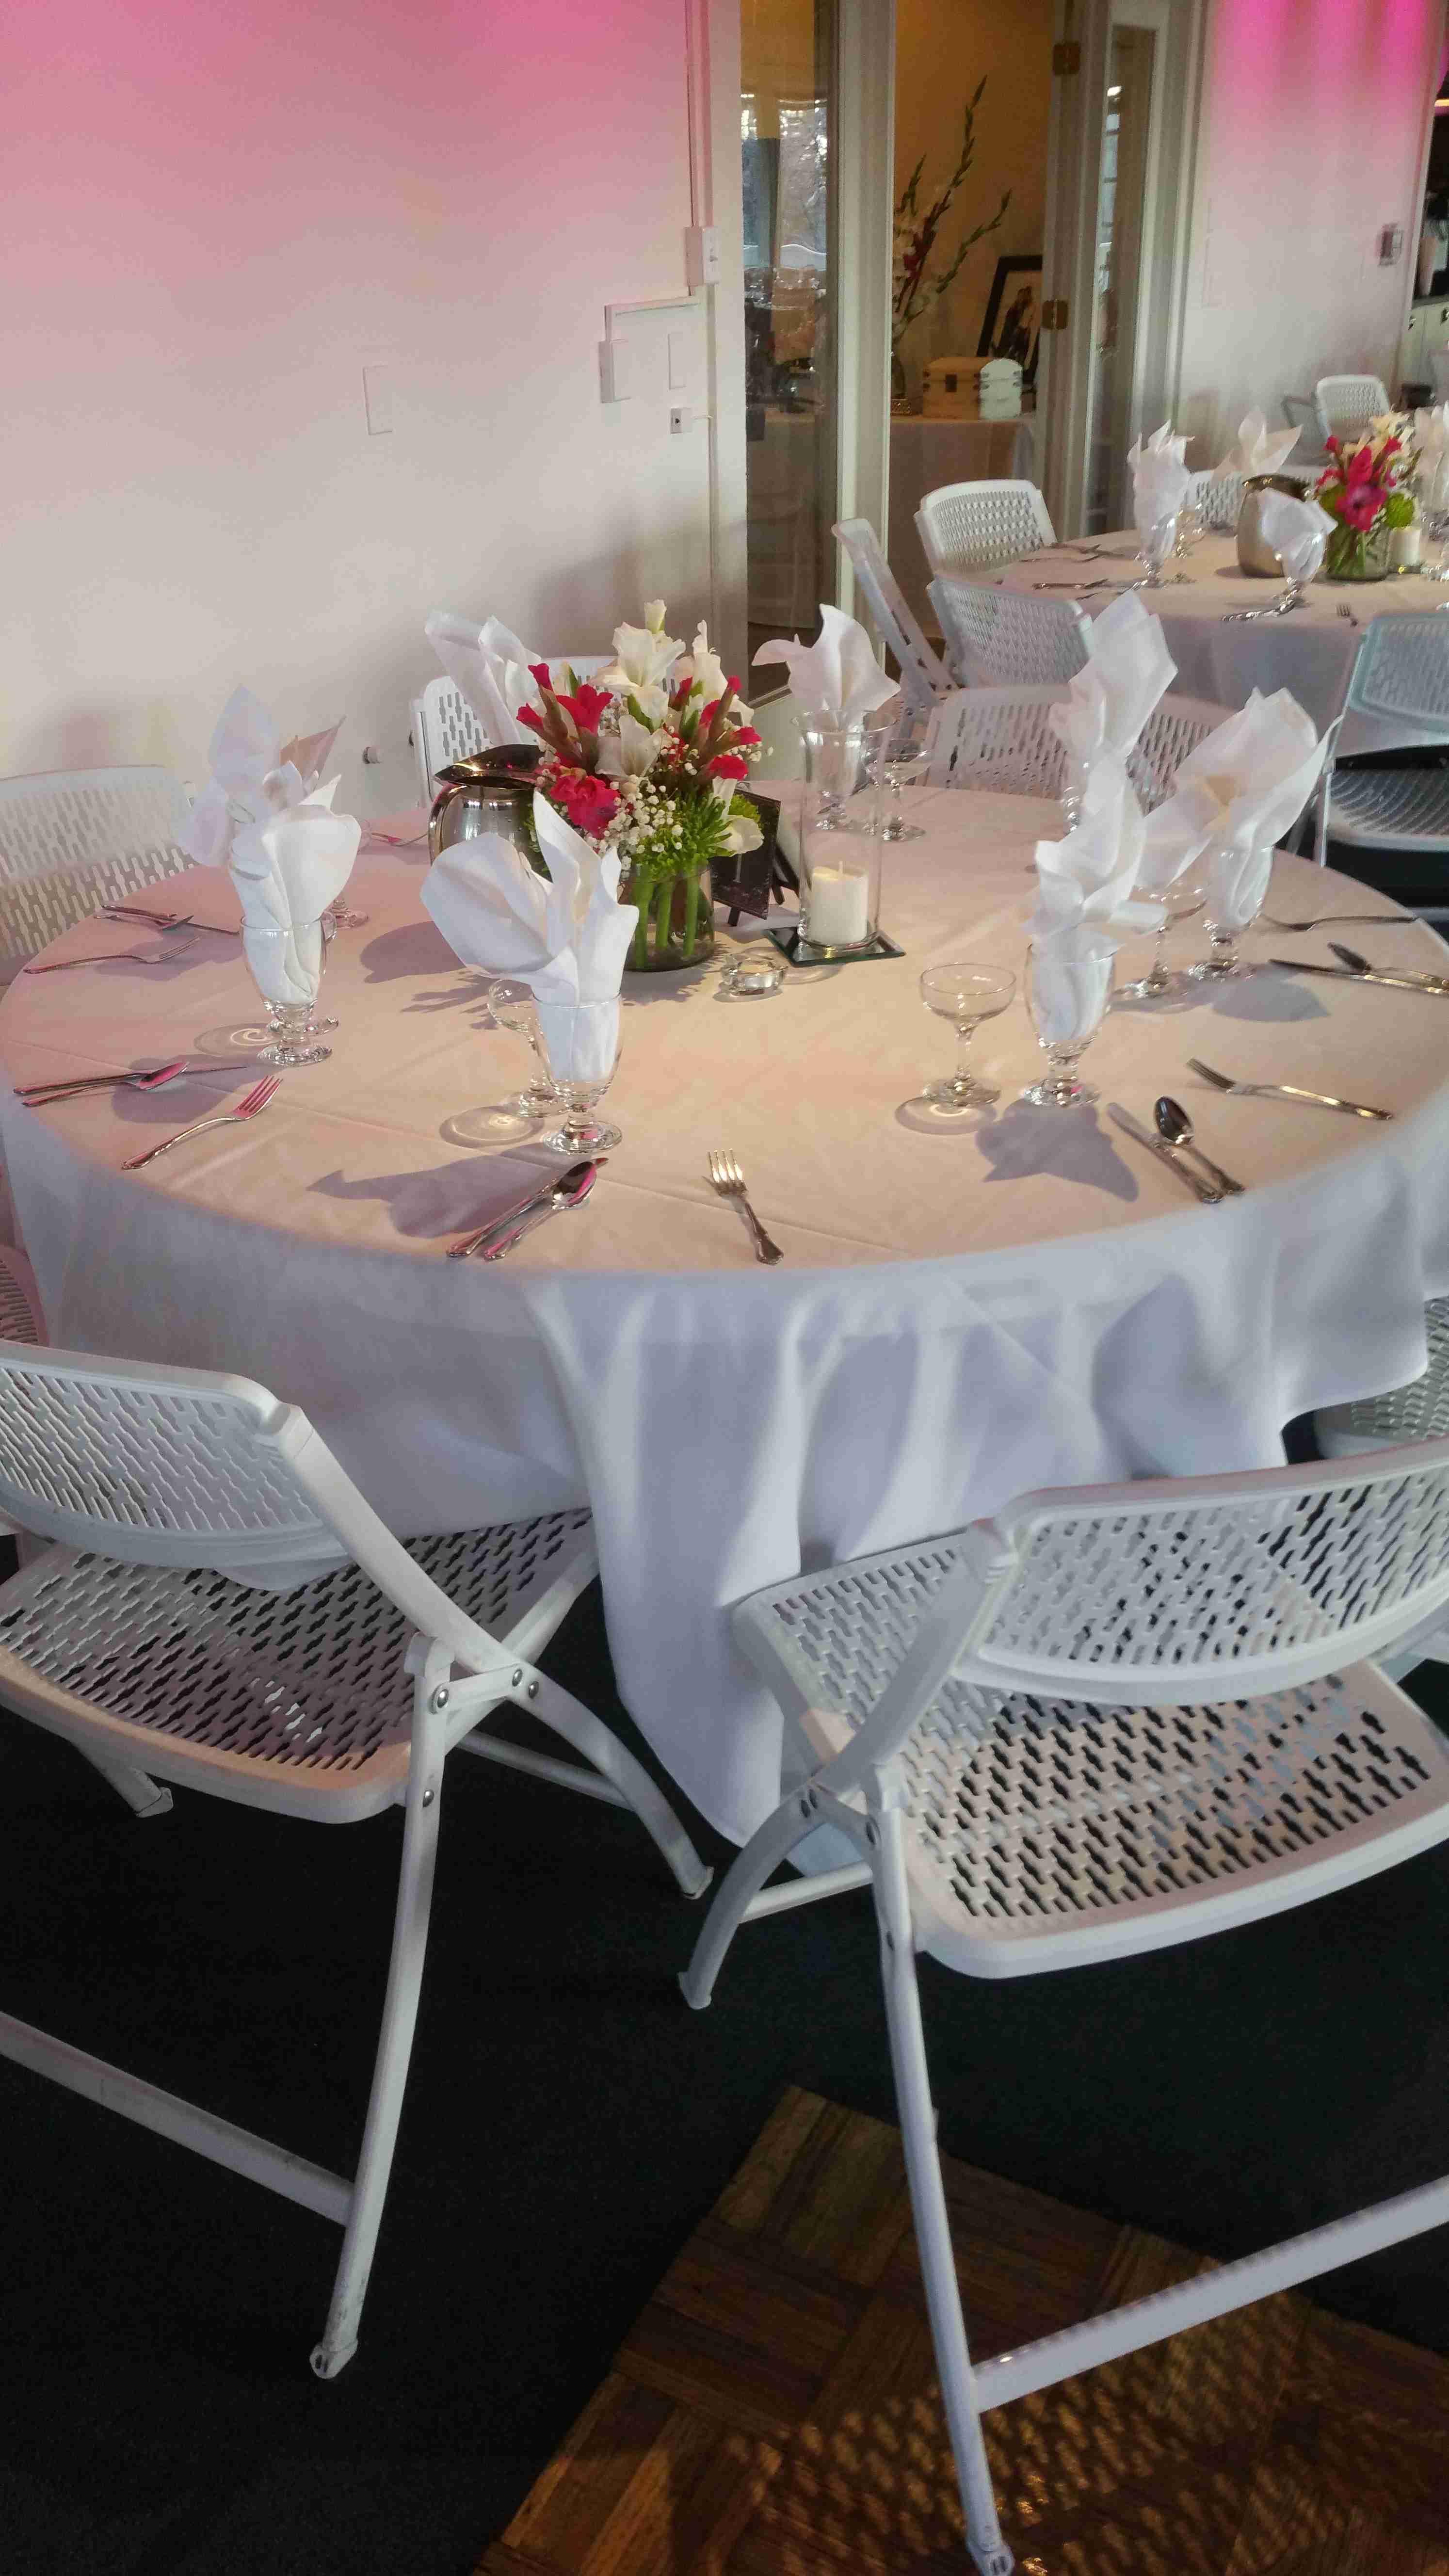 Chez Shari Banquet Facility image 15